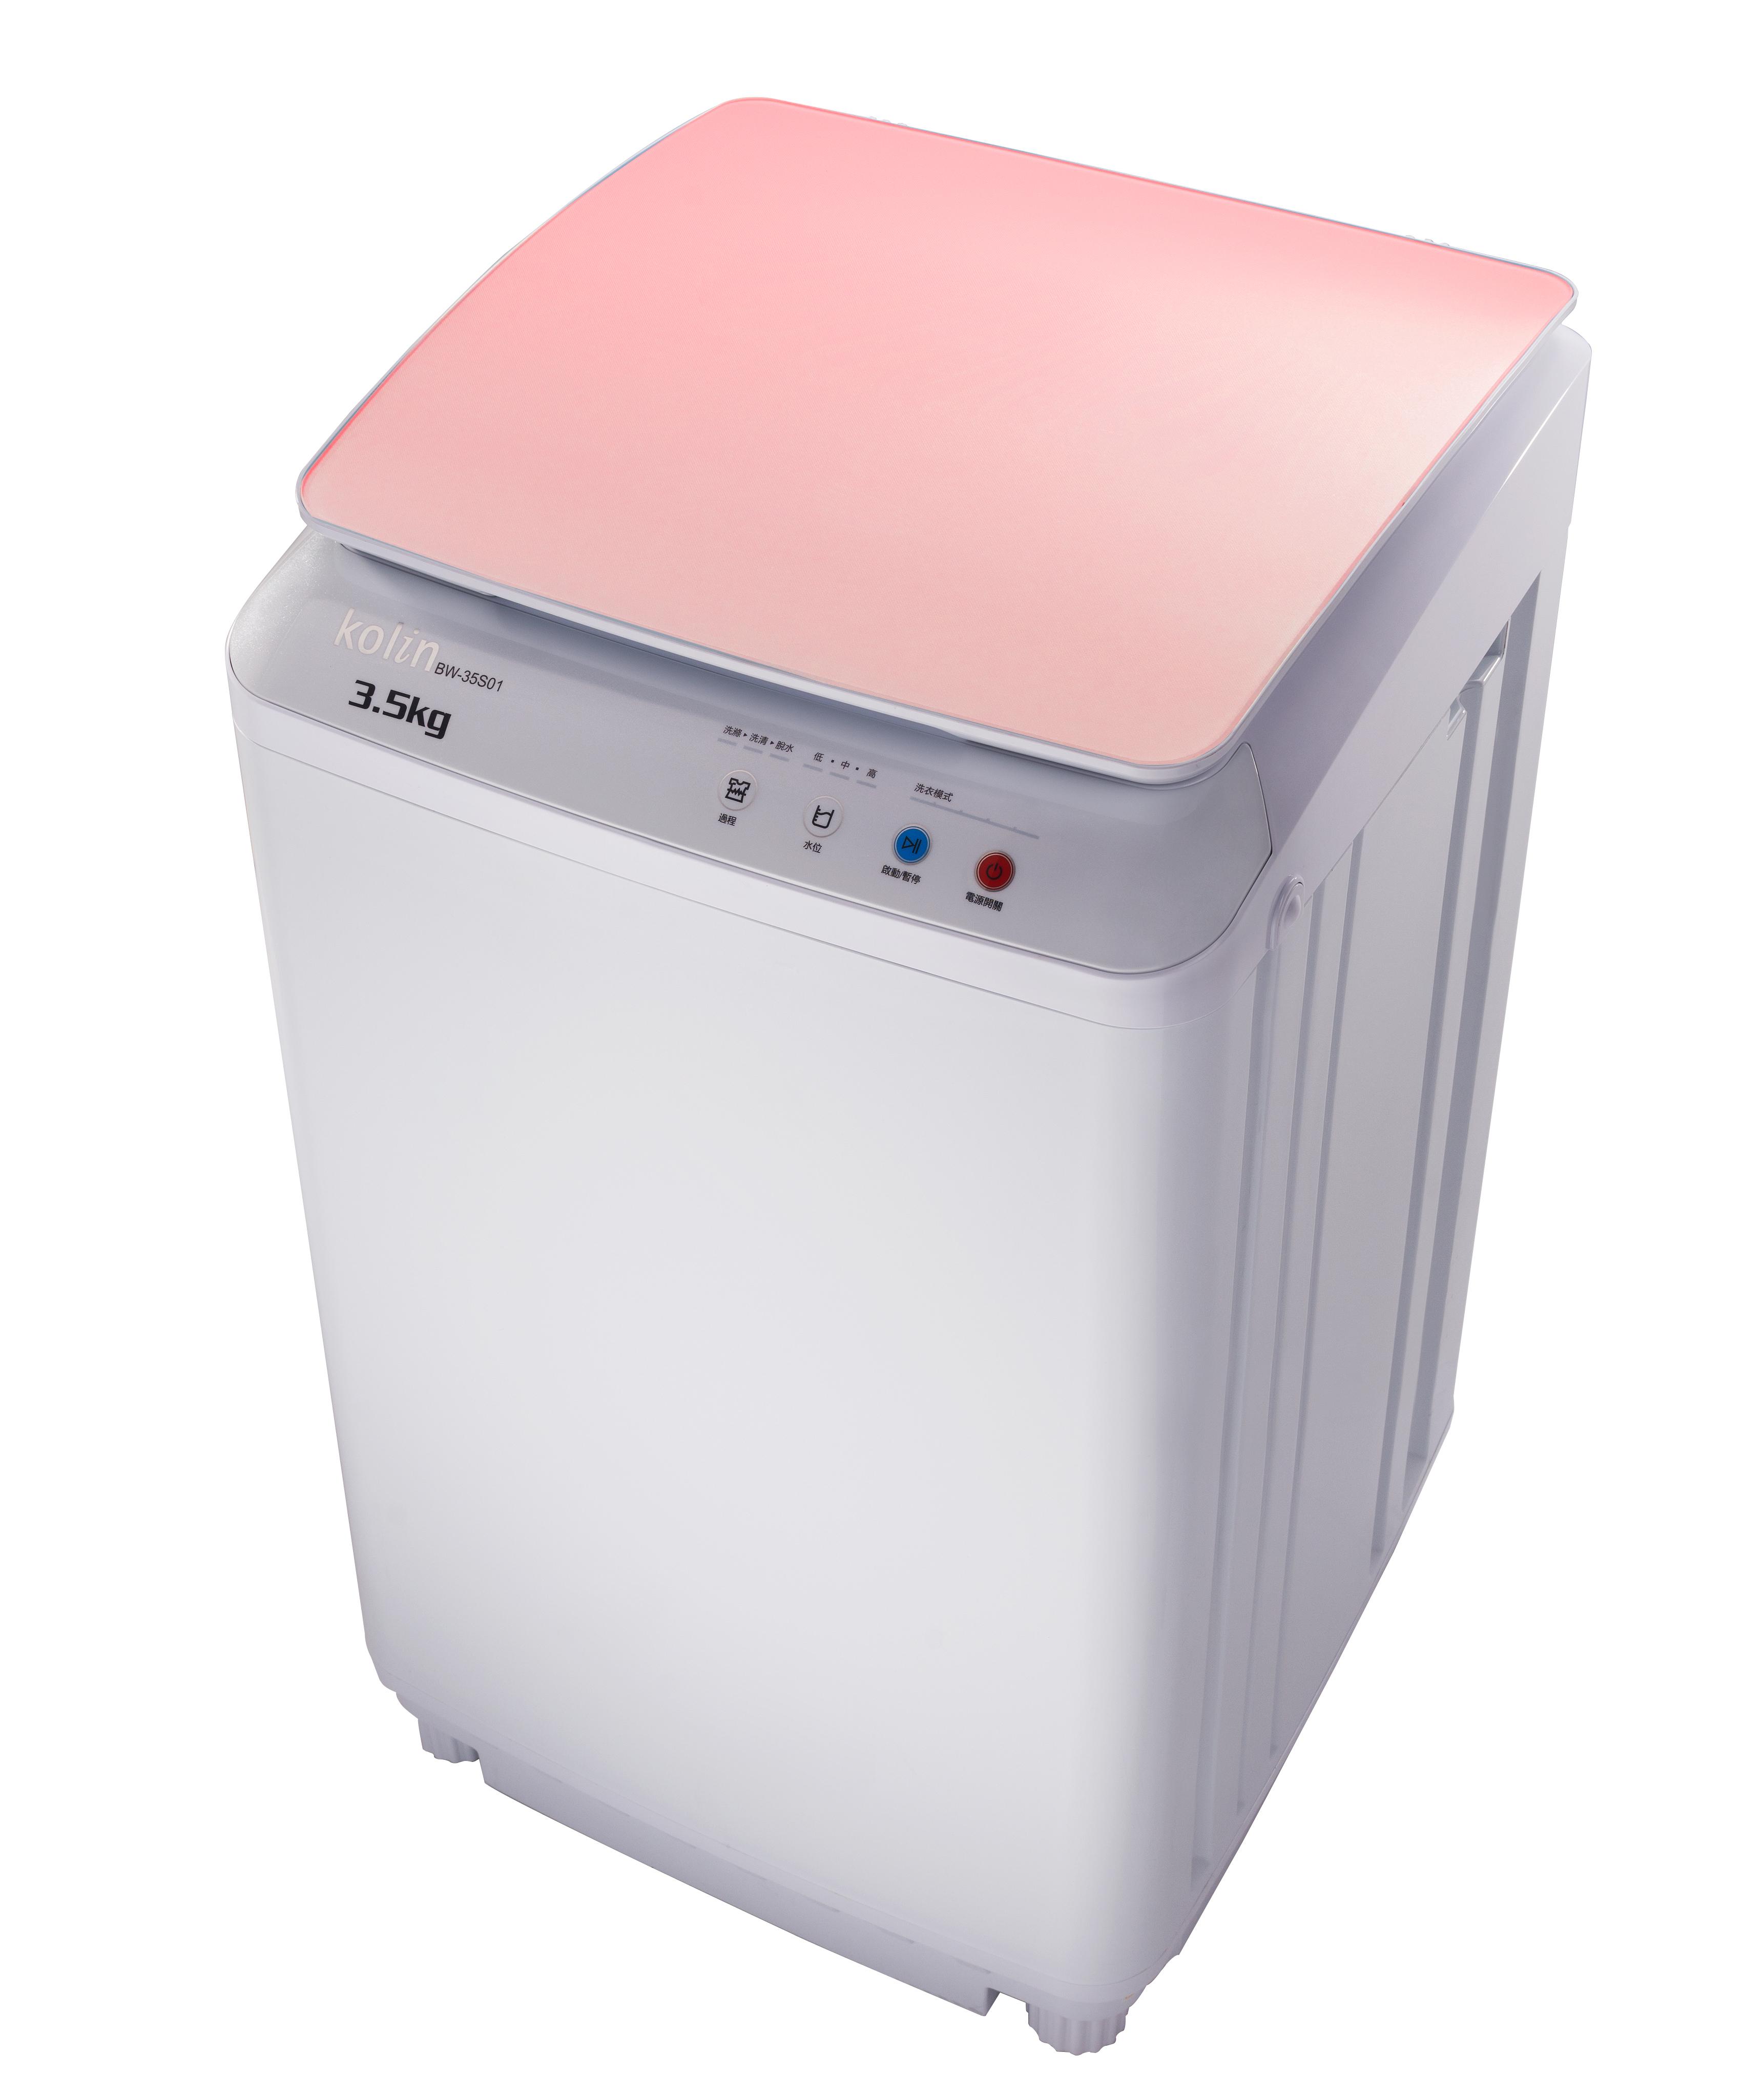 歌林單槽迷你洗衣機